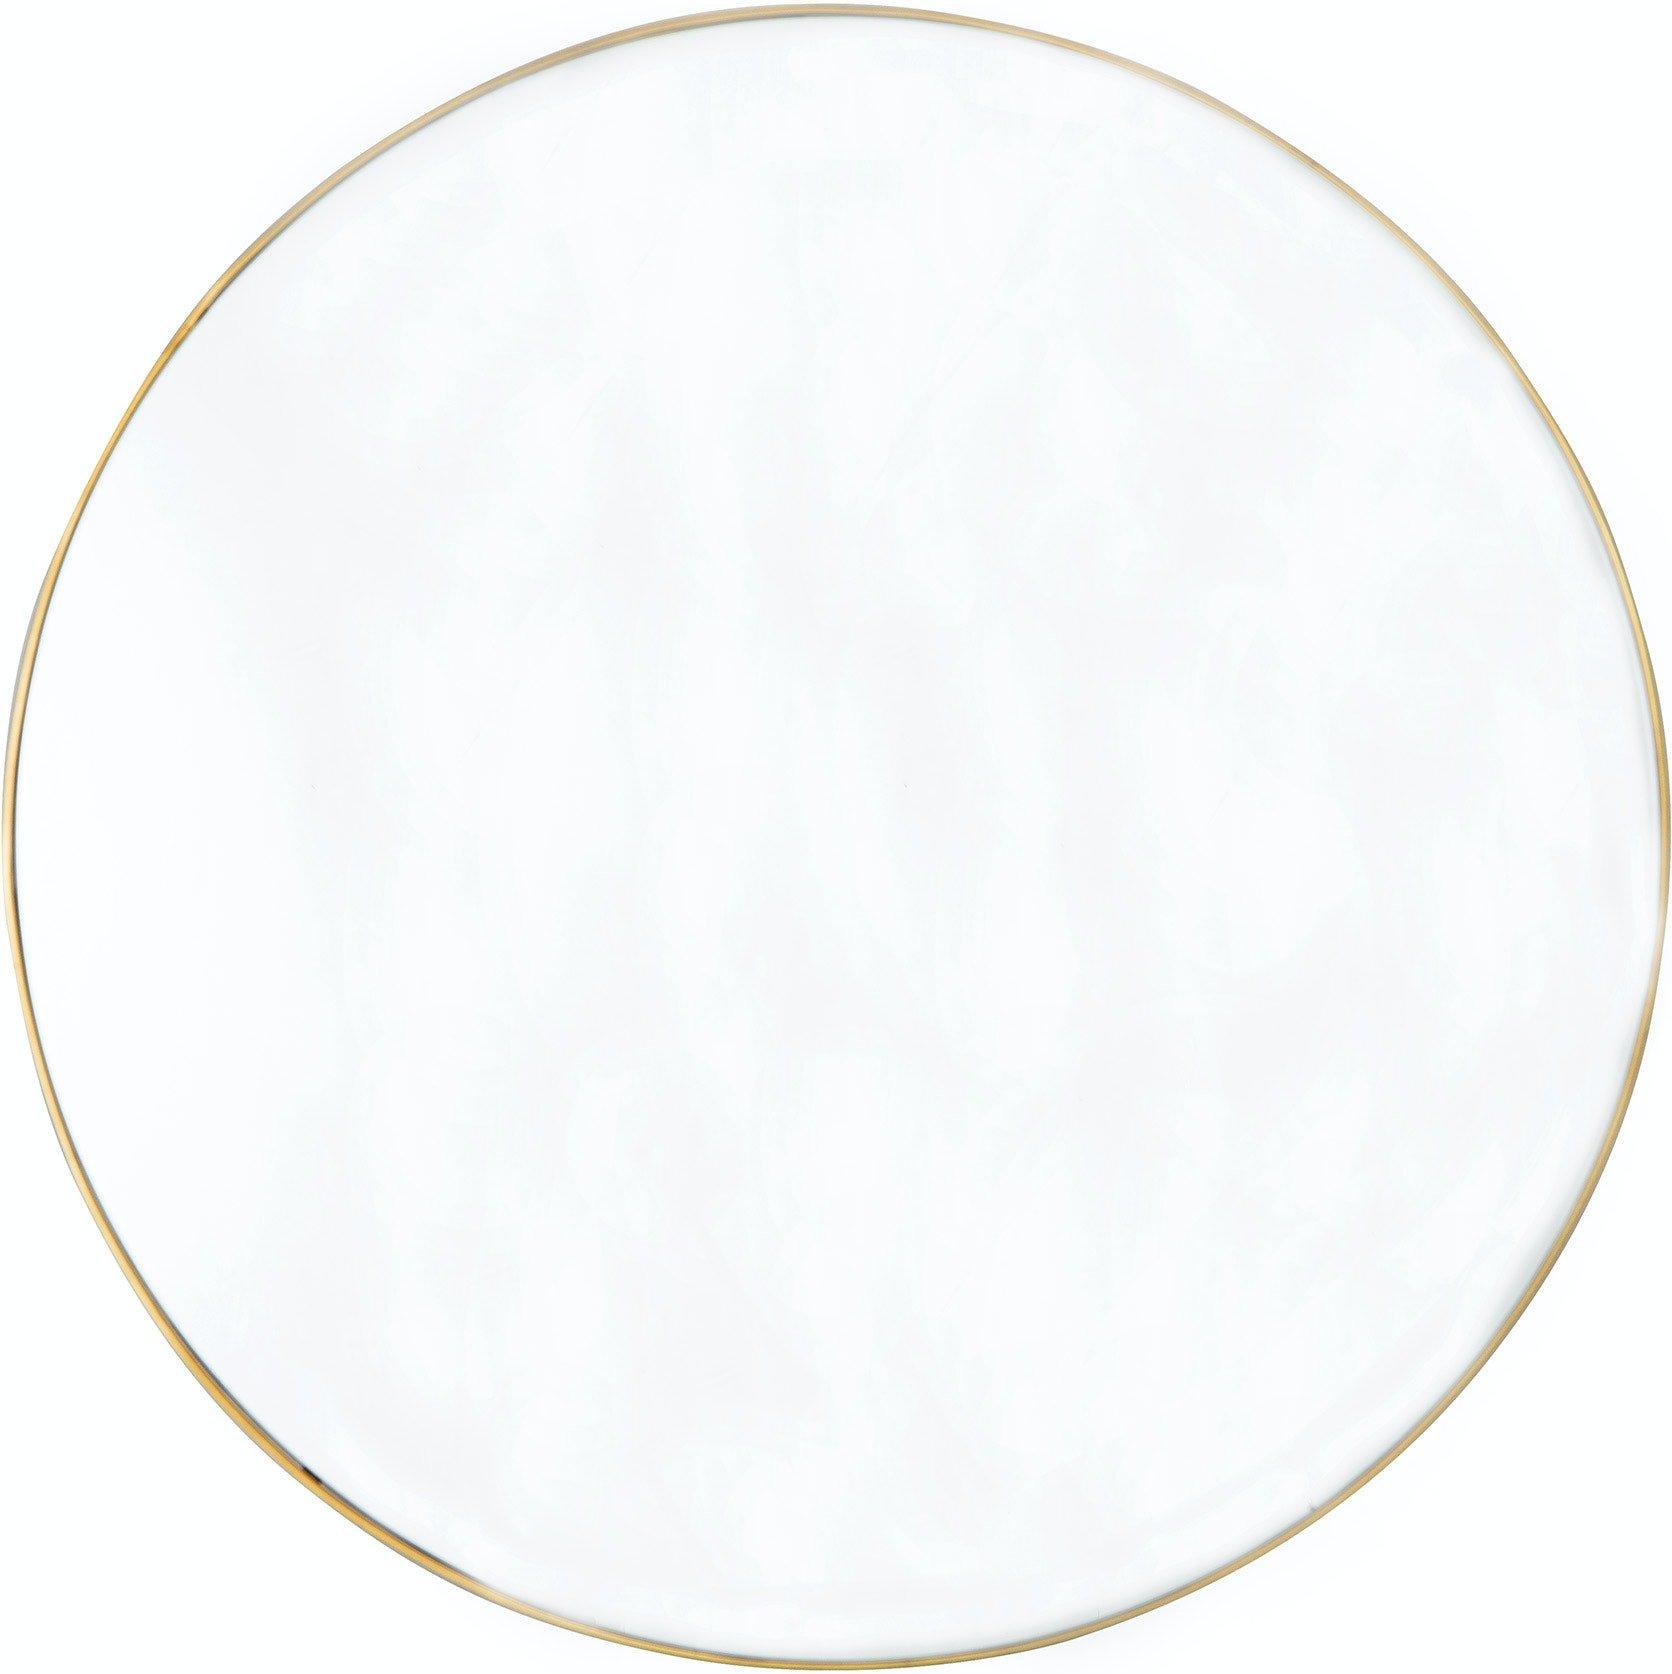 Køb Pedro, Rundt spejl med guldramme, Metal by Bloomingville (H: 1,5 cm. B: 80 cm. L: 80 cm., Guld)